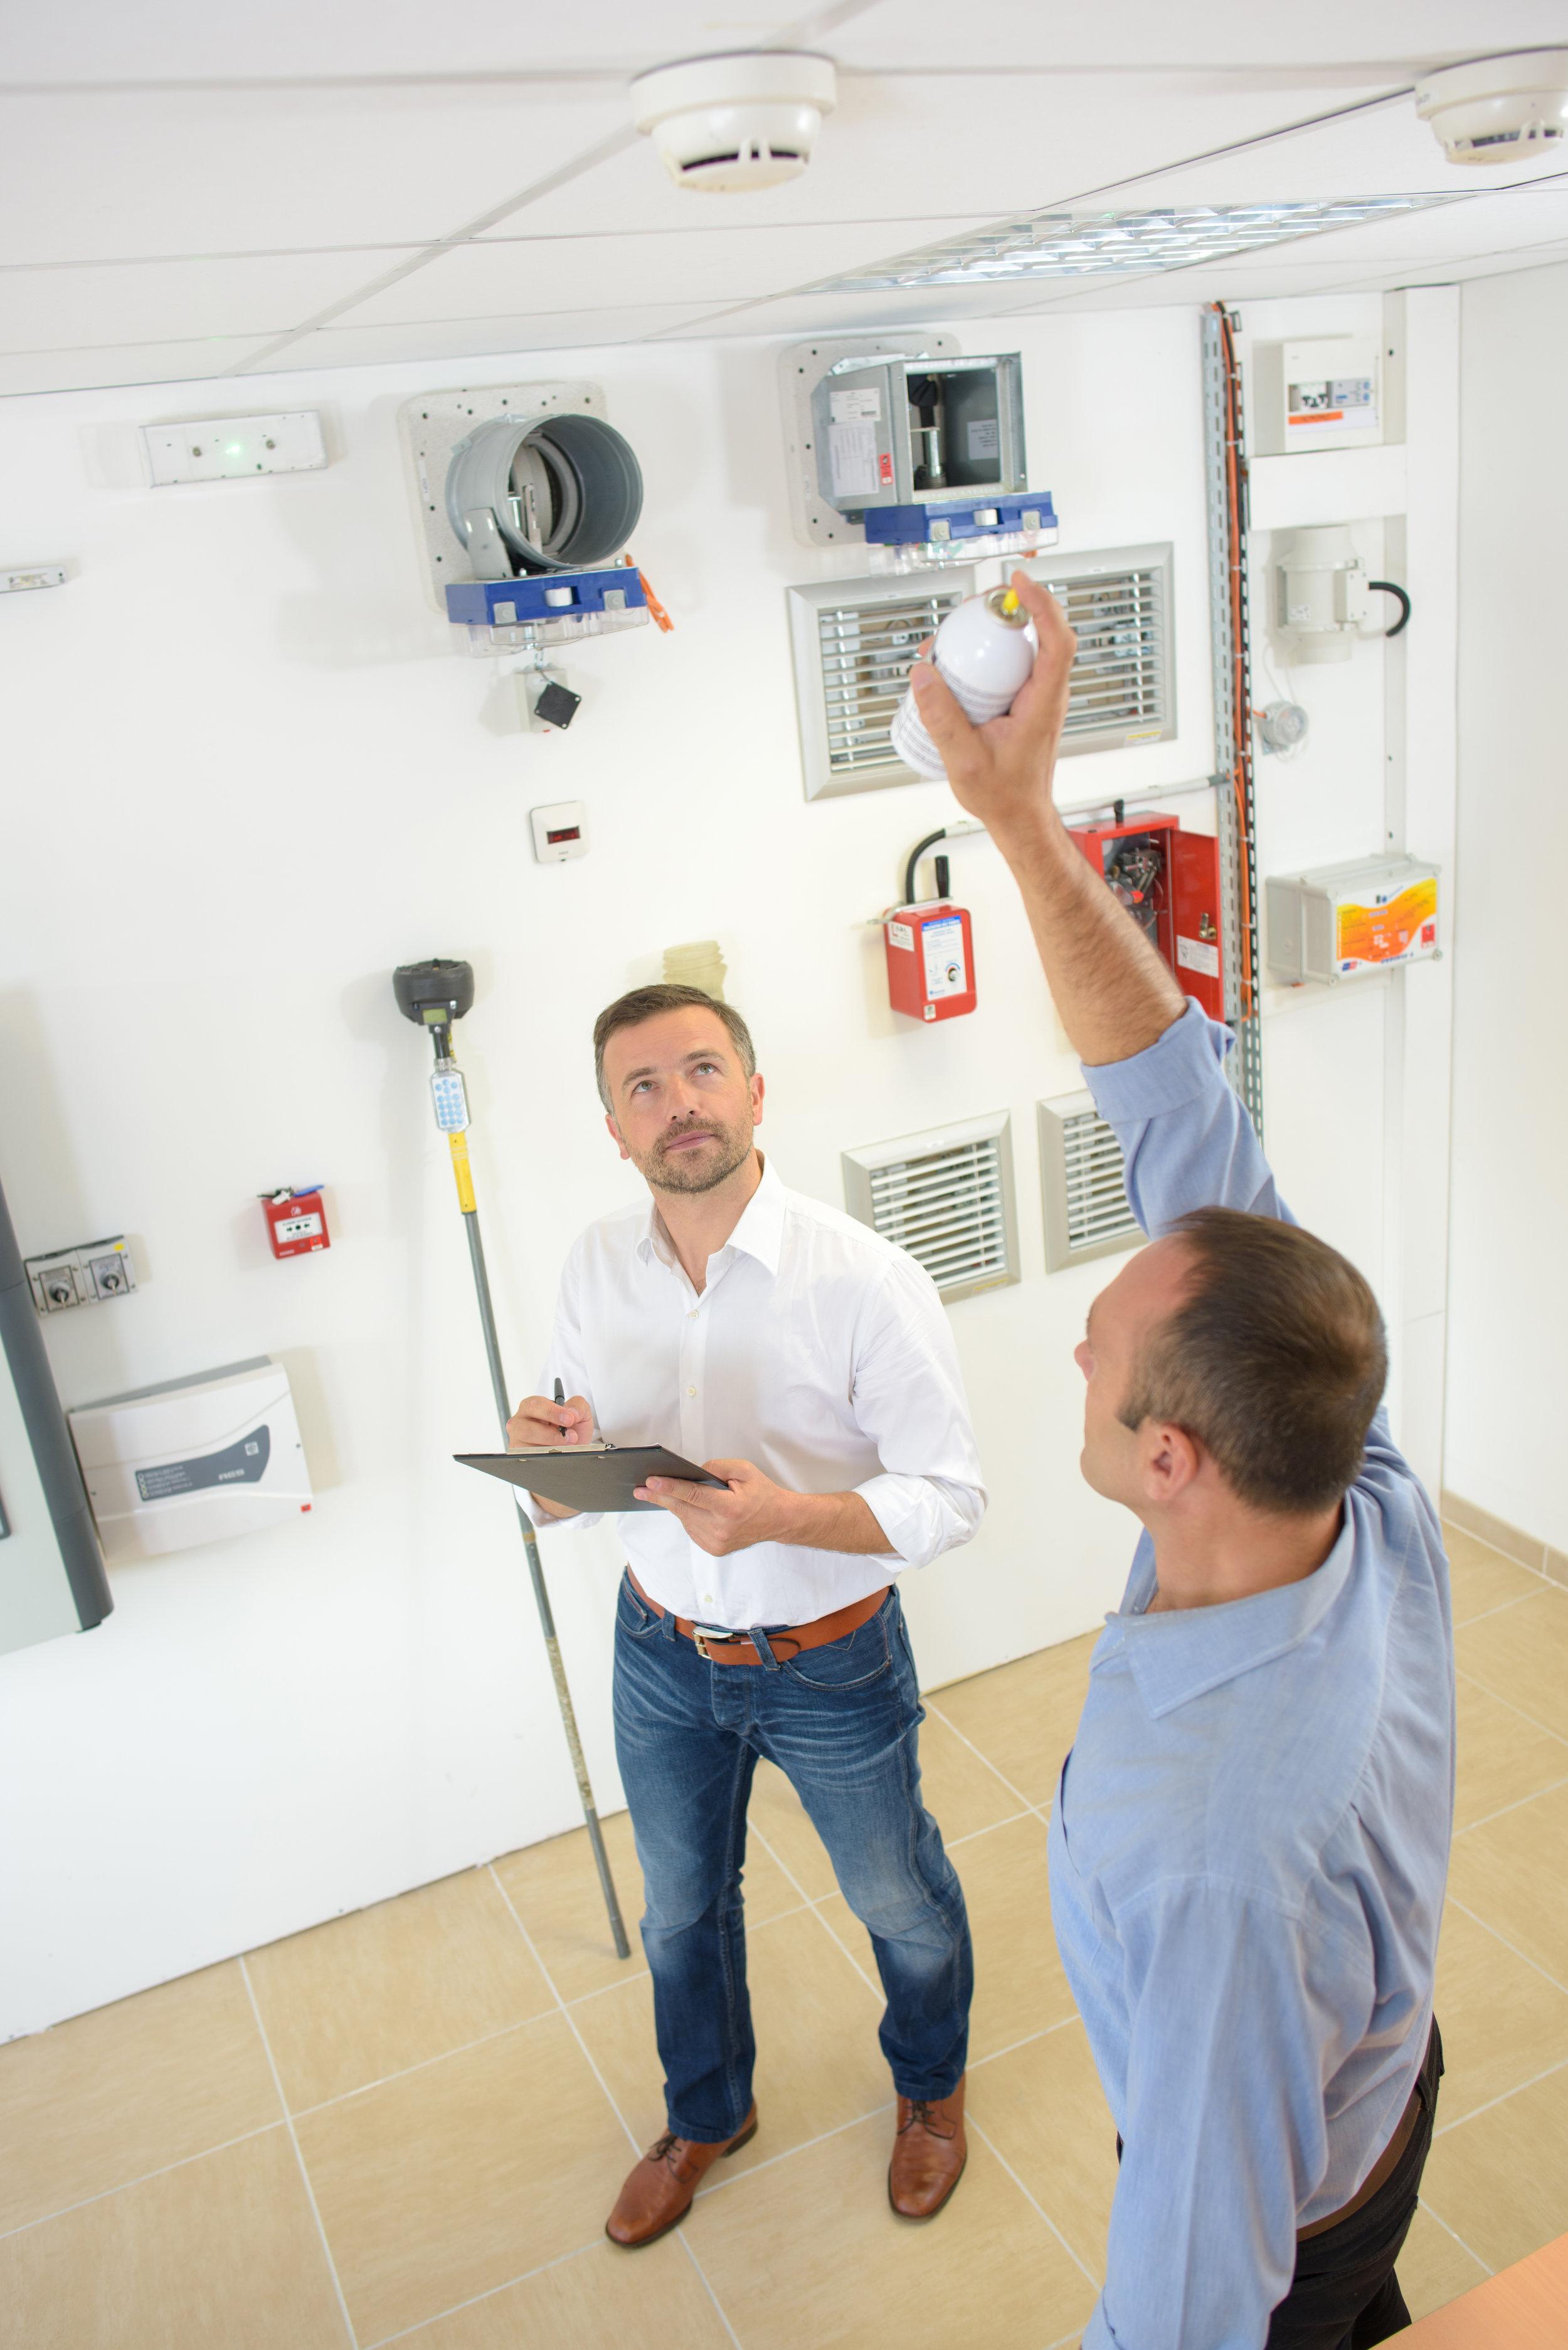 fire alarm inspector checking an alarm